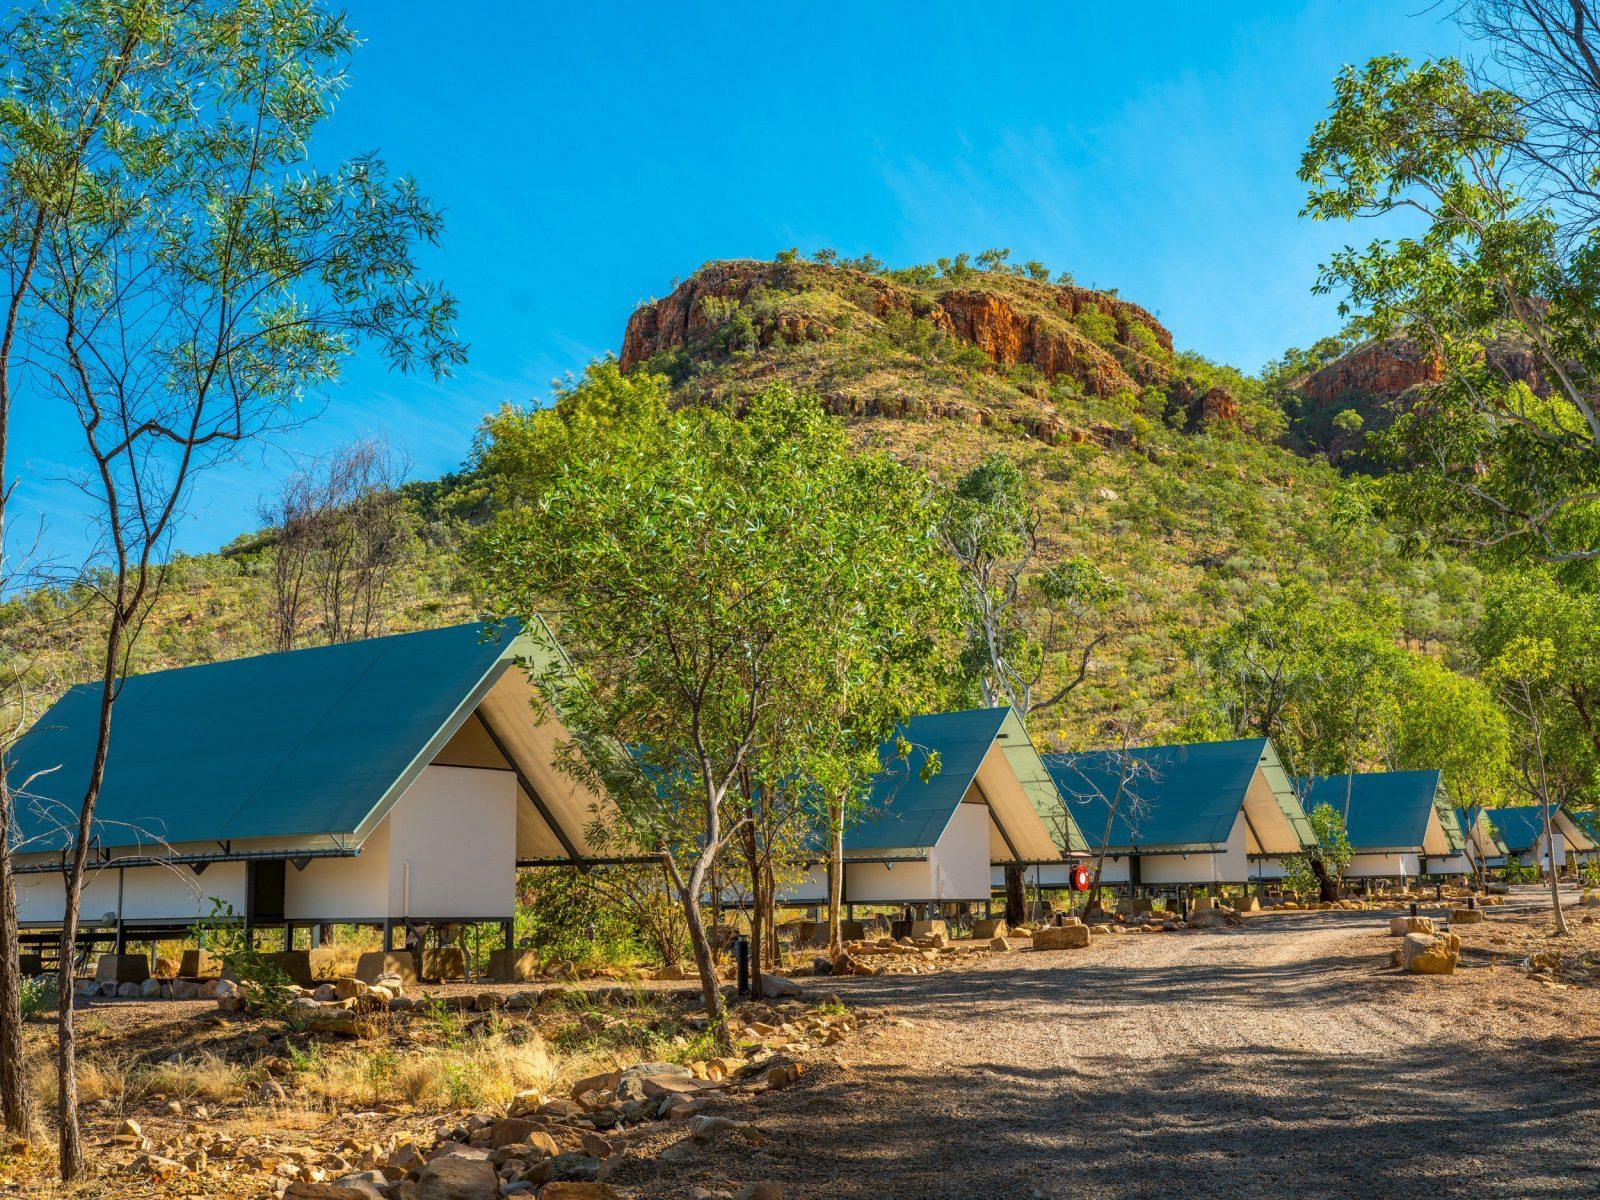 El Questro Emma Gorge, Kununurra, Western Australia